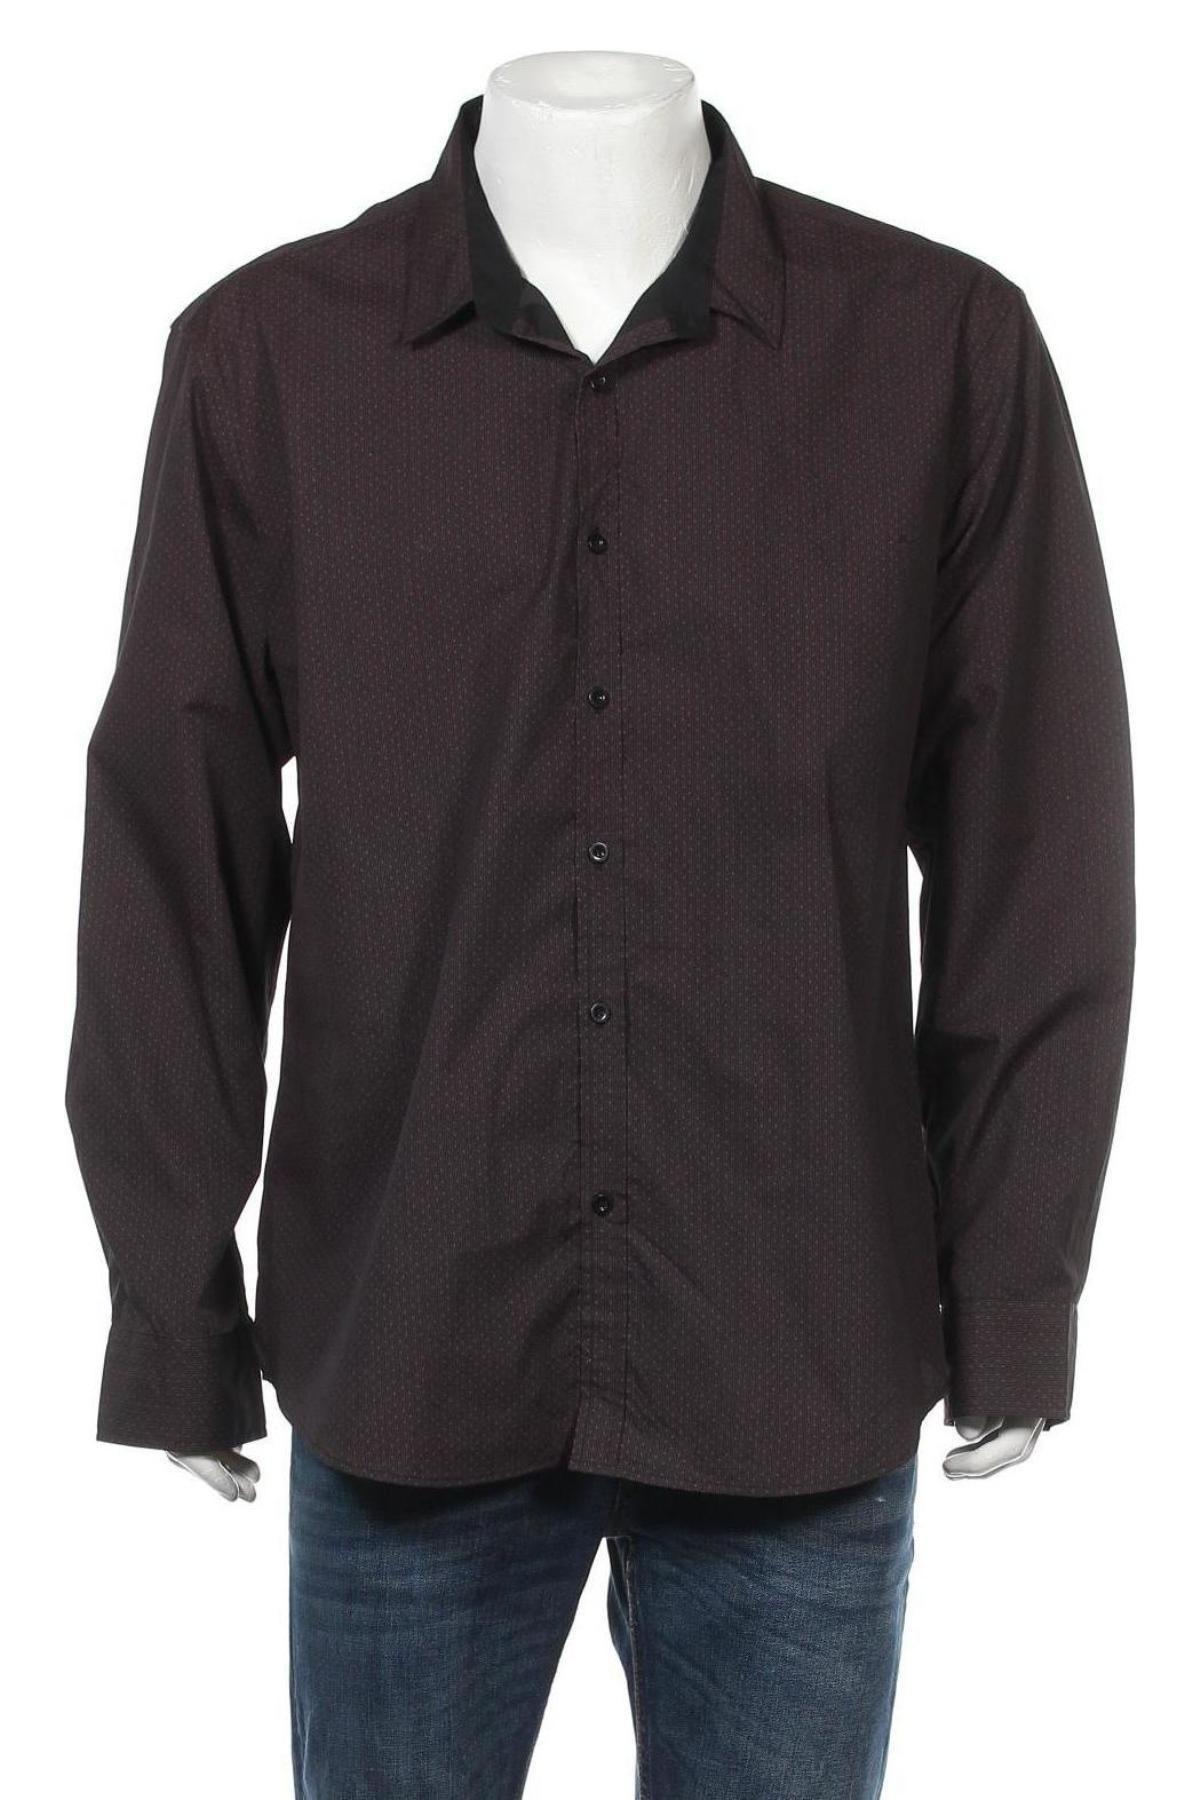 Ανδρικό πουκάμισο P.O. Box, Μέγεθος XXL, Χρώμα Καφέ, 65% πολυεστέρας, 35% βαμβάκι, Τιμή 11,11€